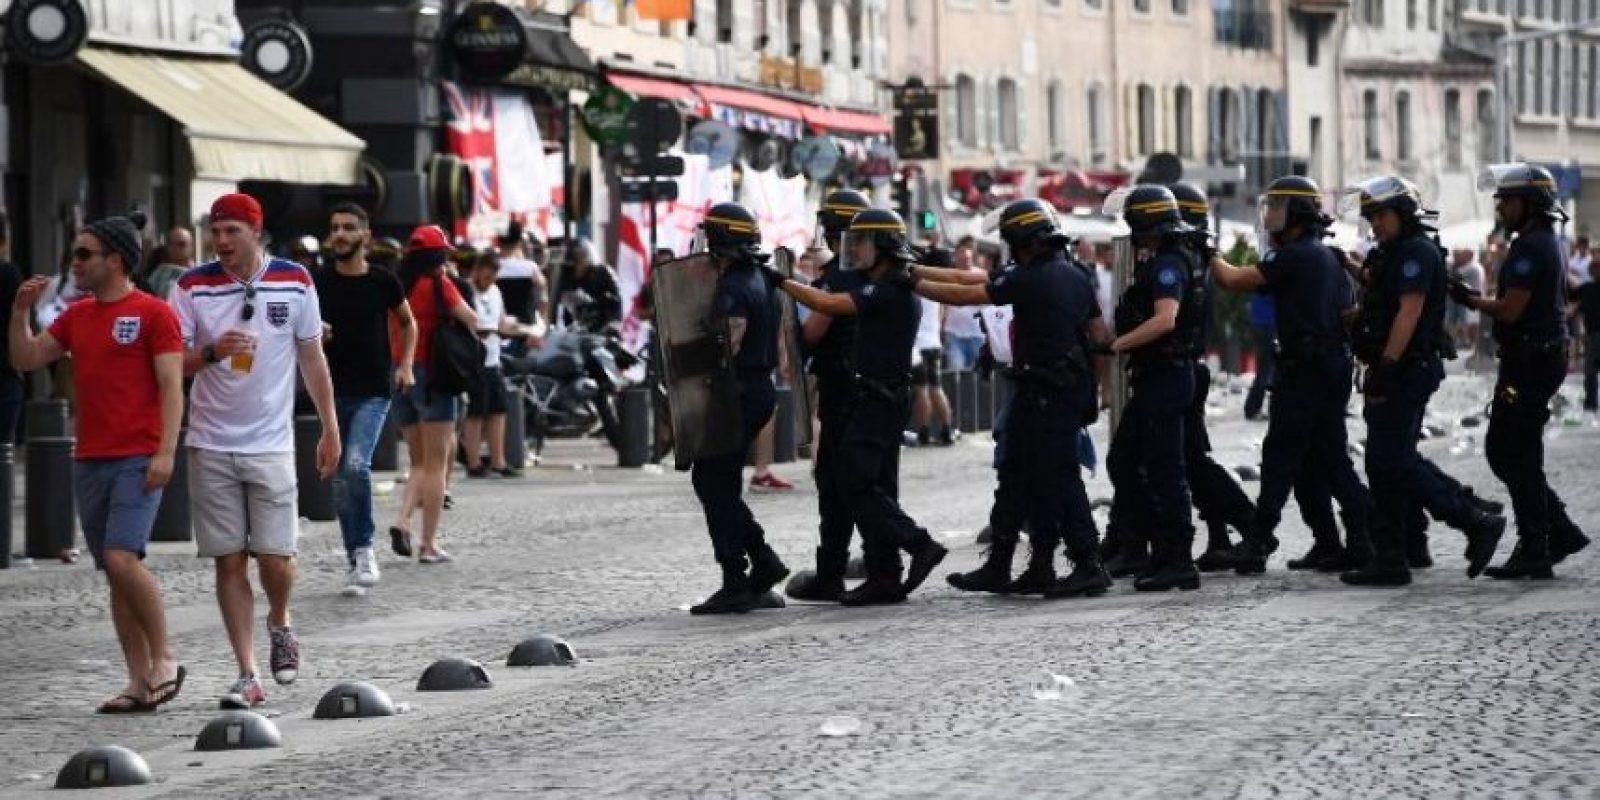 El bar irlandés, que era el punto de encuentro de los ingleses, ahora es custodiado por la policía Foto:AFP